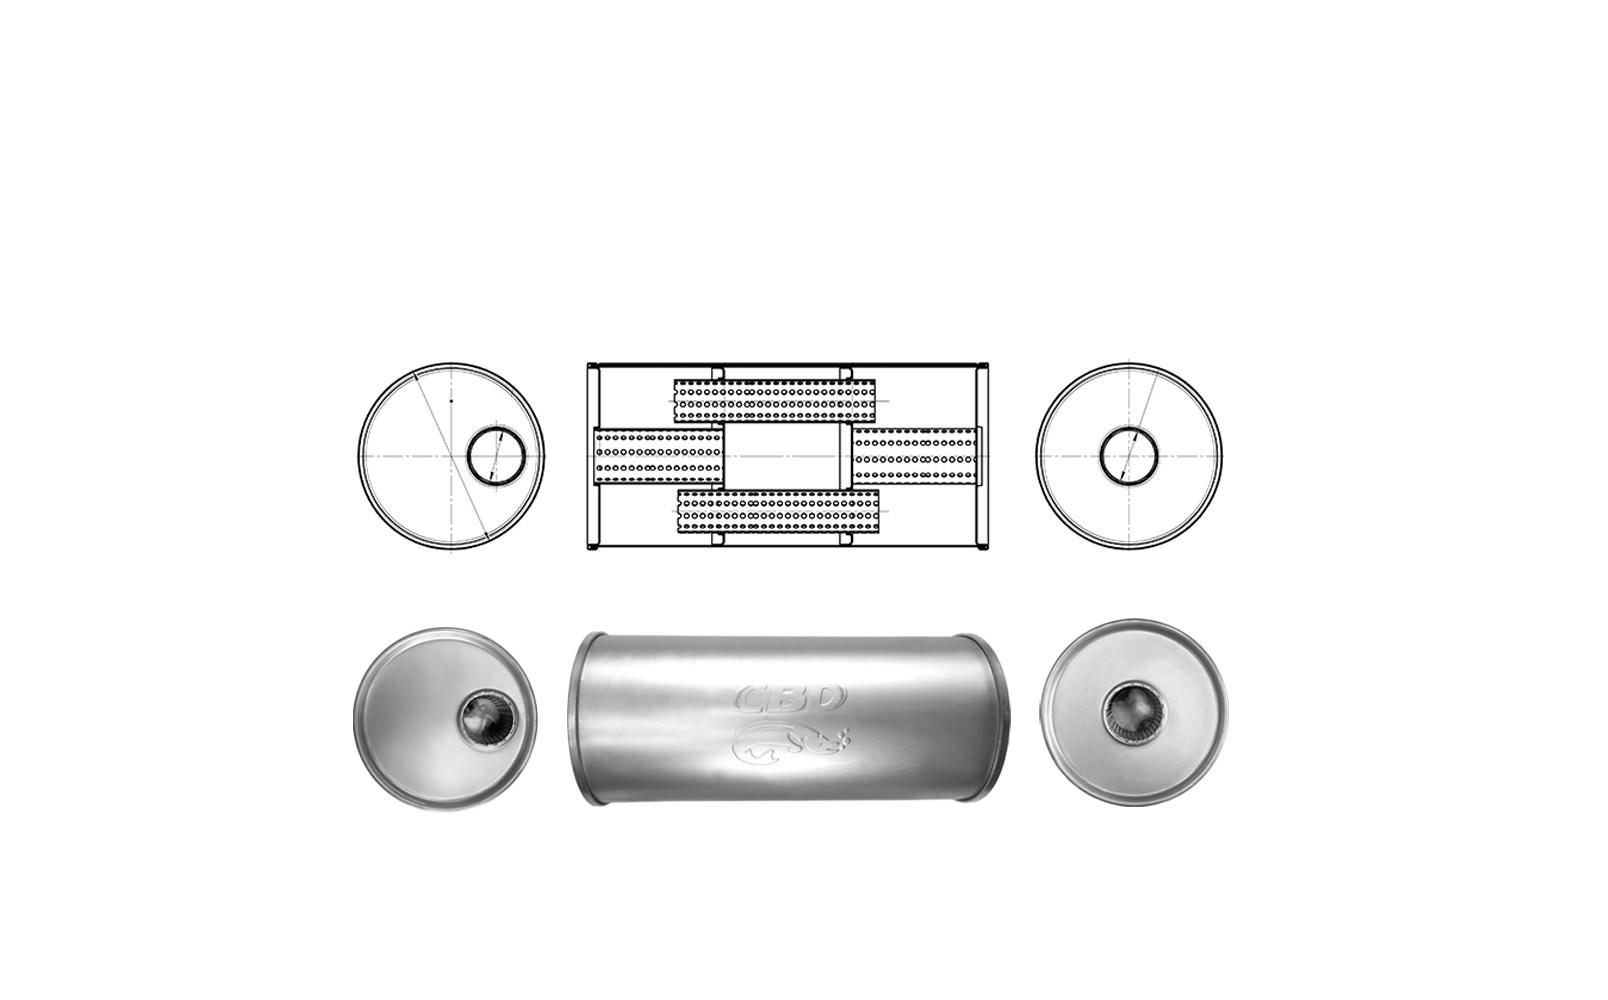 Новые изделия. Универсальные глушители под сварку Ø186 мм